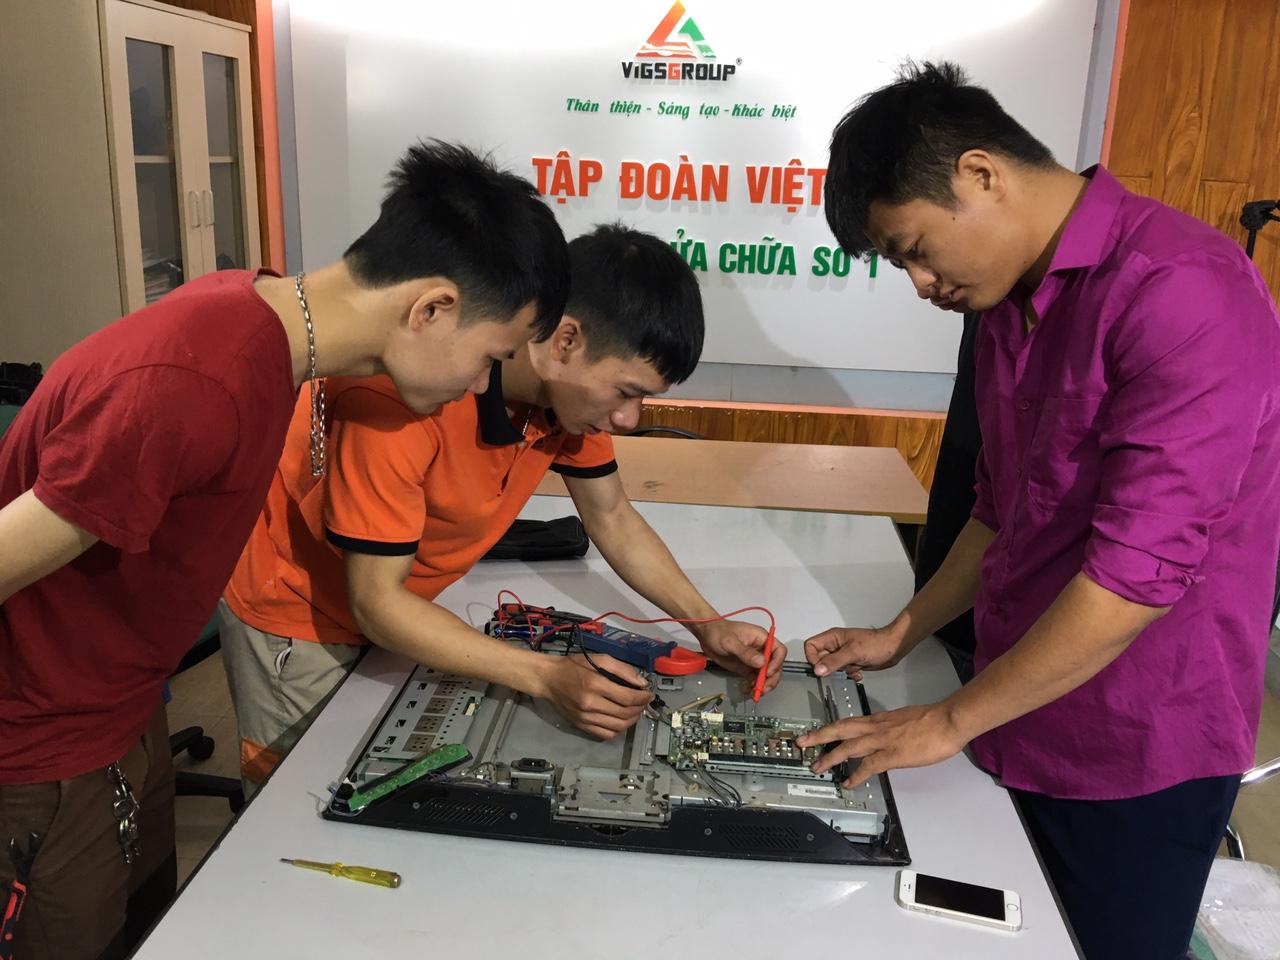 Học sửa chữa điện tử tại trung tâm Dạy nghề số 1